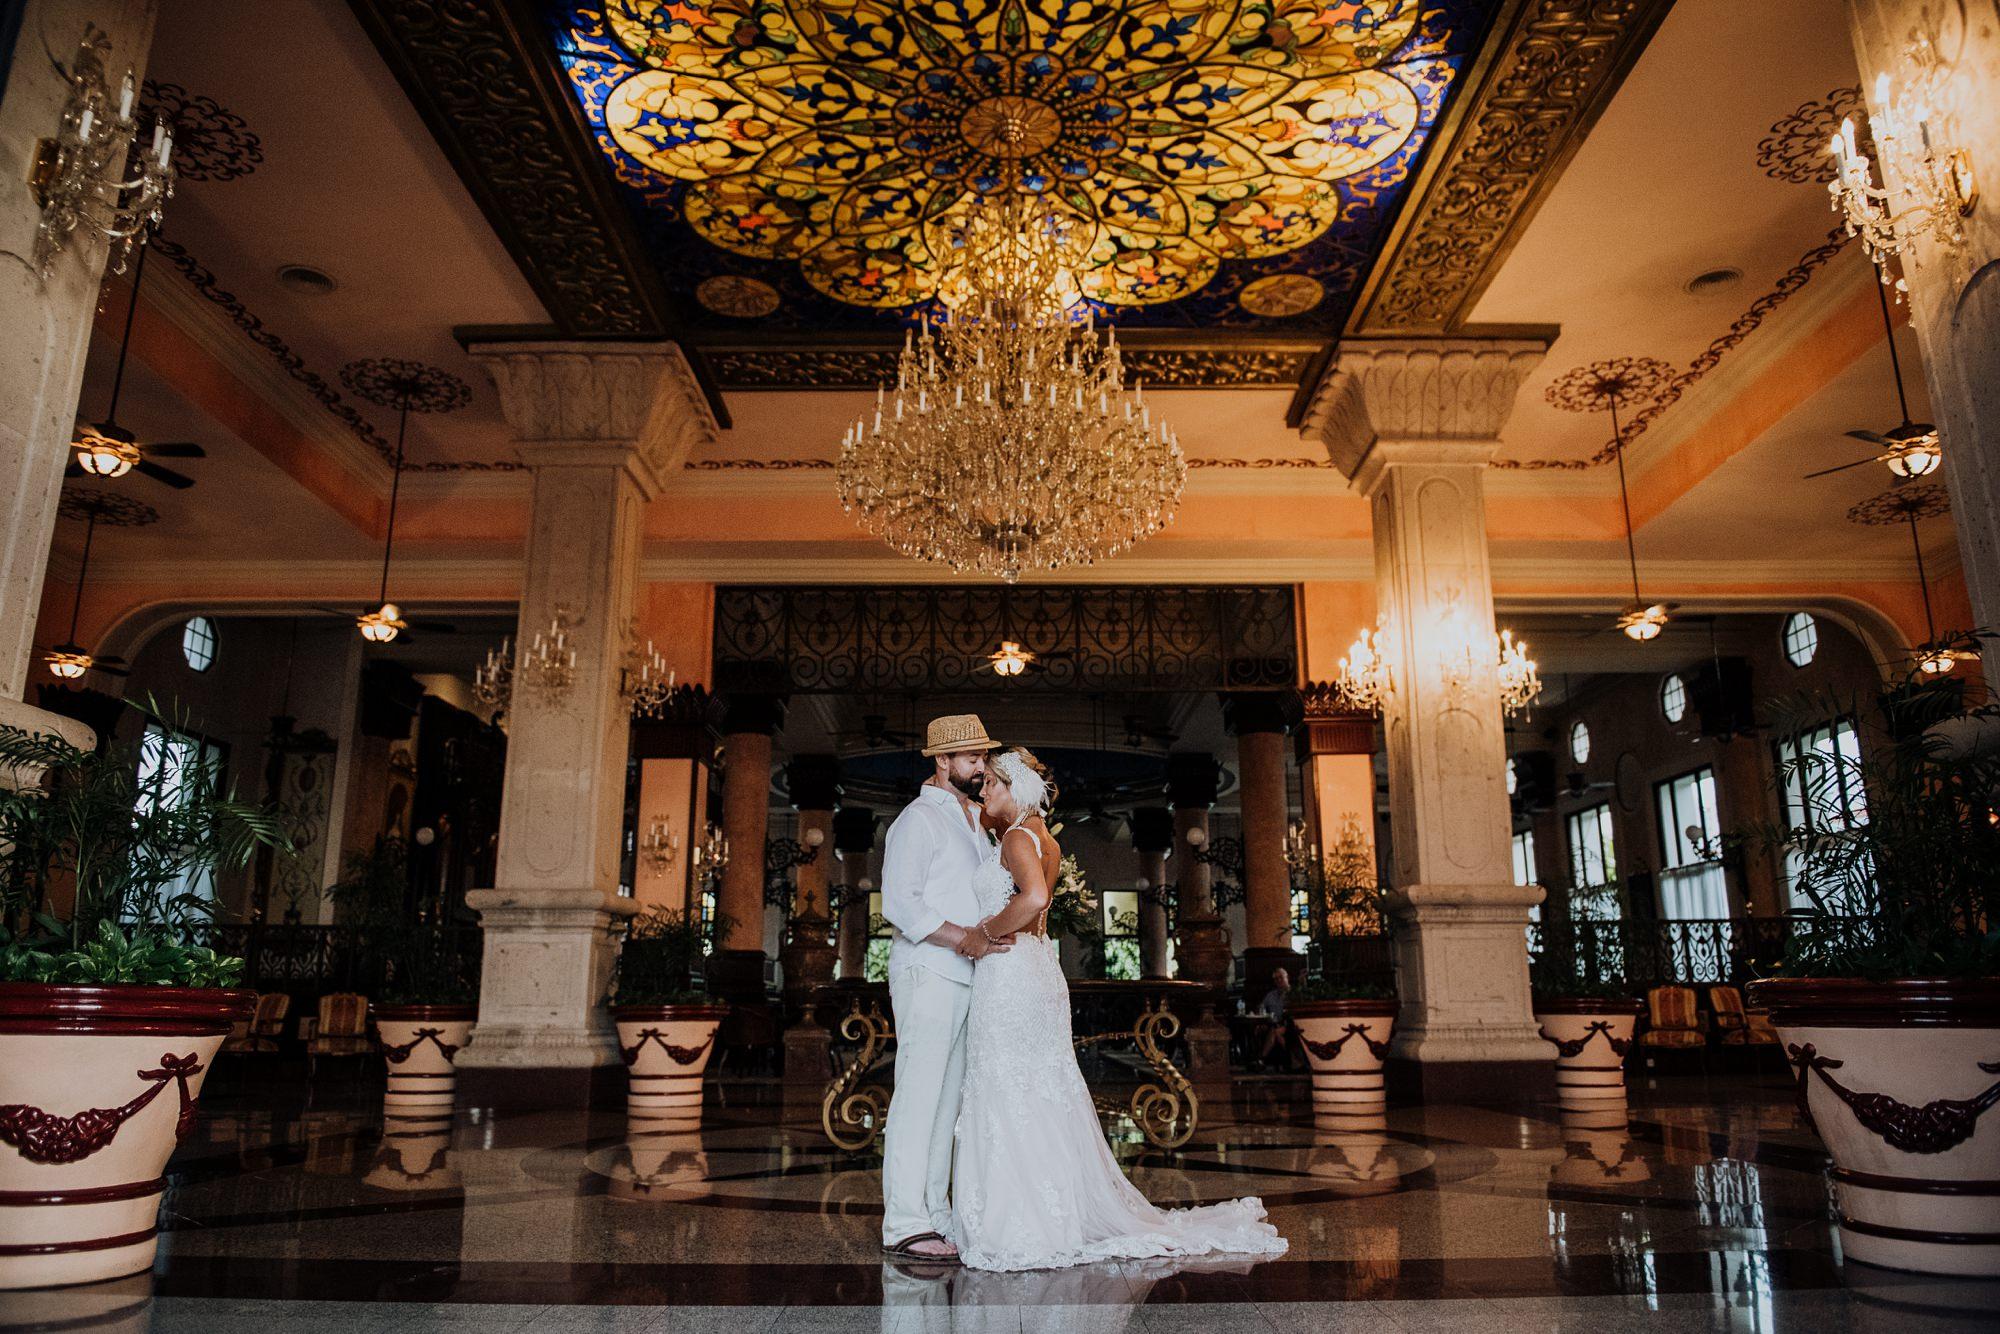 bride and groom at ornate hotel reception in mexico at Riu Palace Riviera Maya